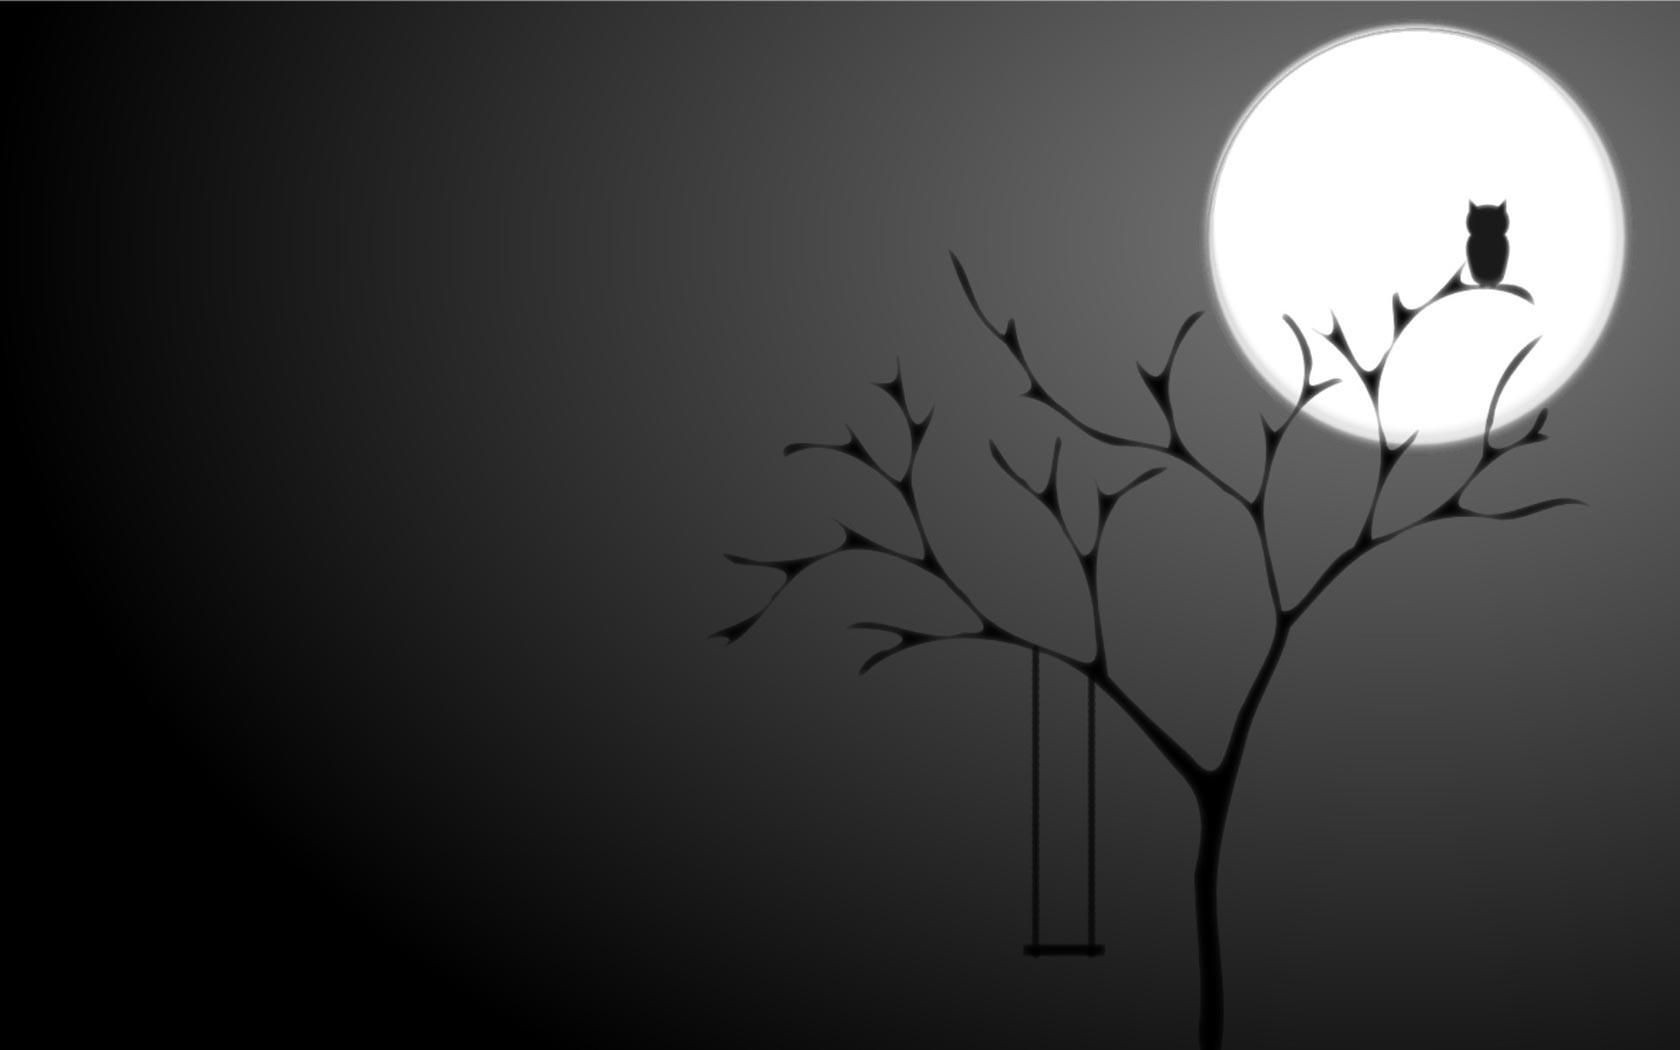 Fondos de pantalla ilustraci n monocromo sombra - Papel pintado blanco y negro ...